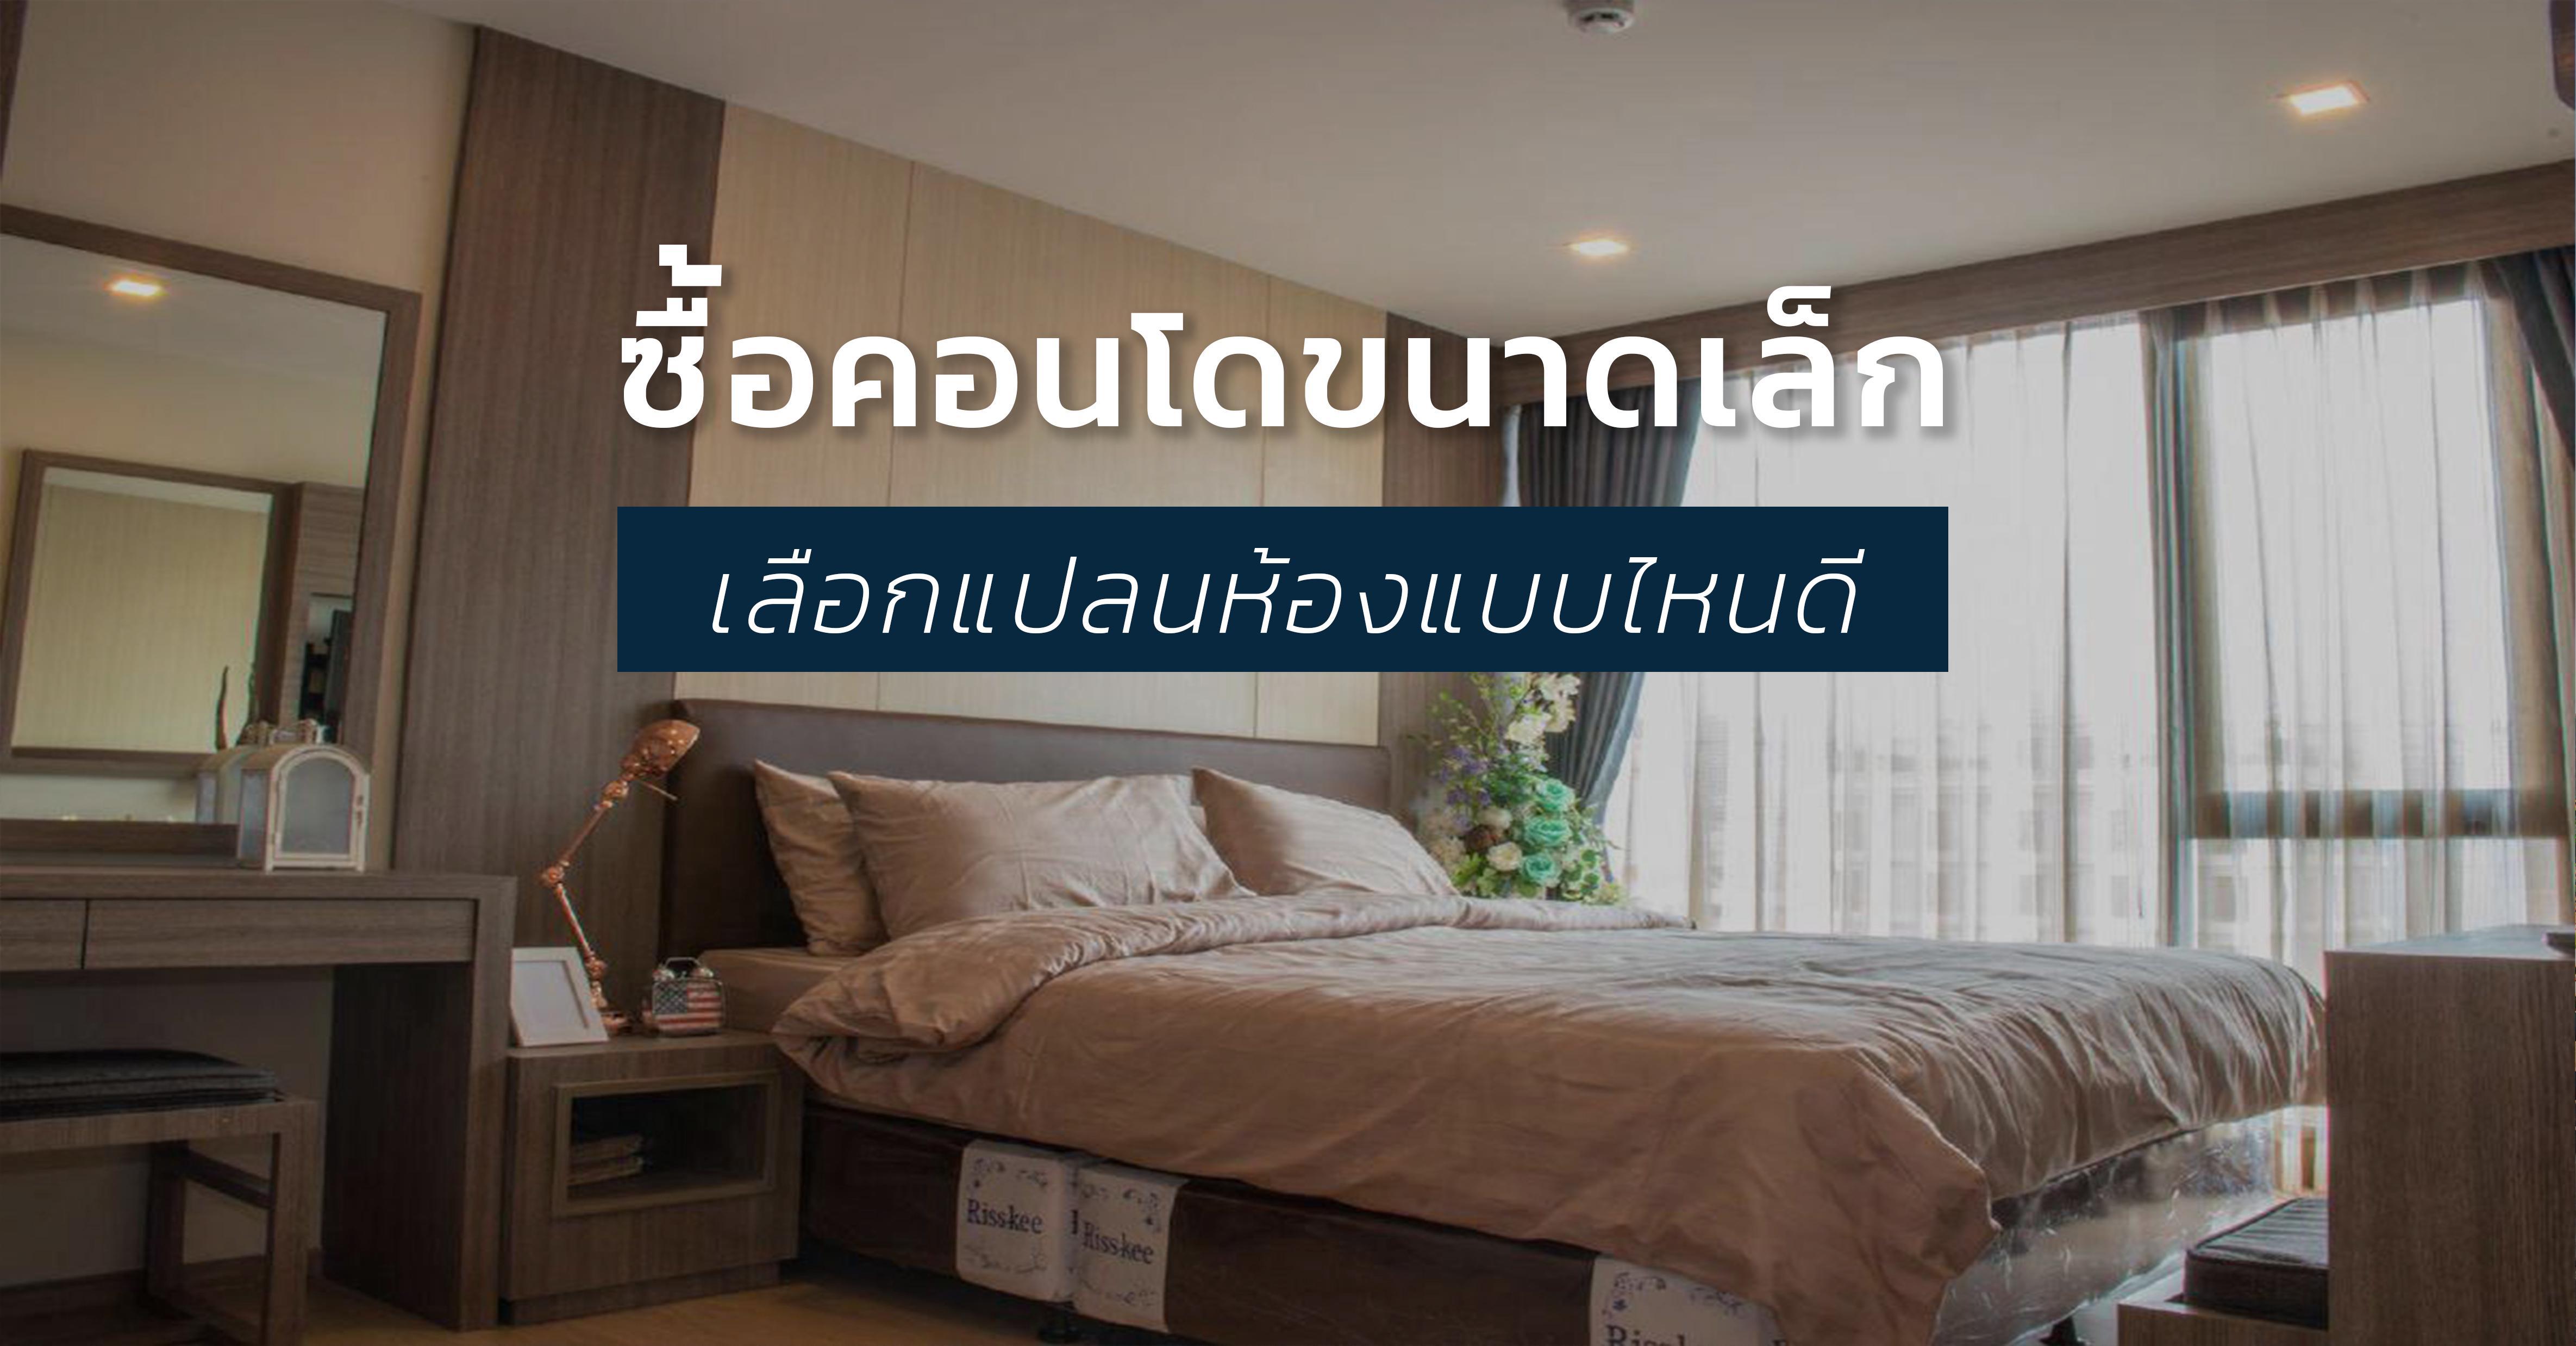 รูปบทความ เลือกซื้อคอนโด 1 ห้องนอนขนาดเล็ก ควรเลือกแปลนห้องแบบไหนดี?